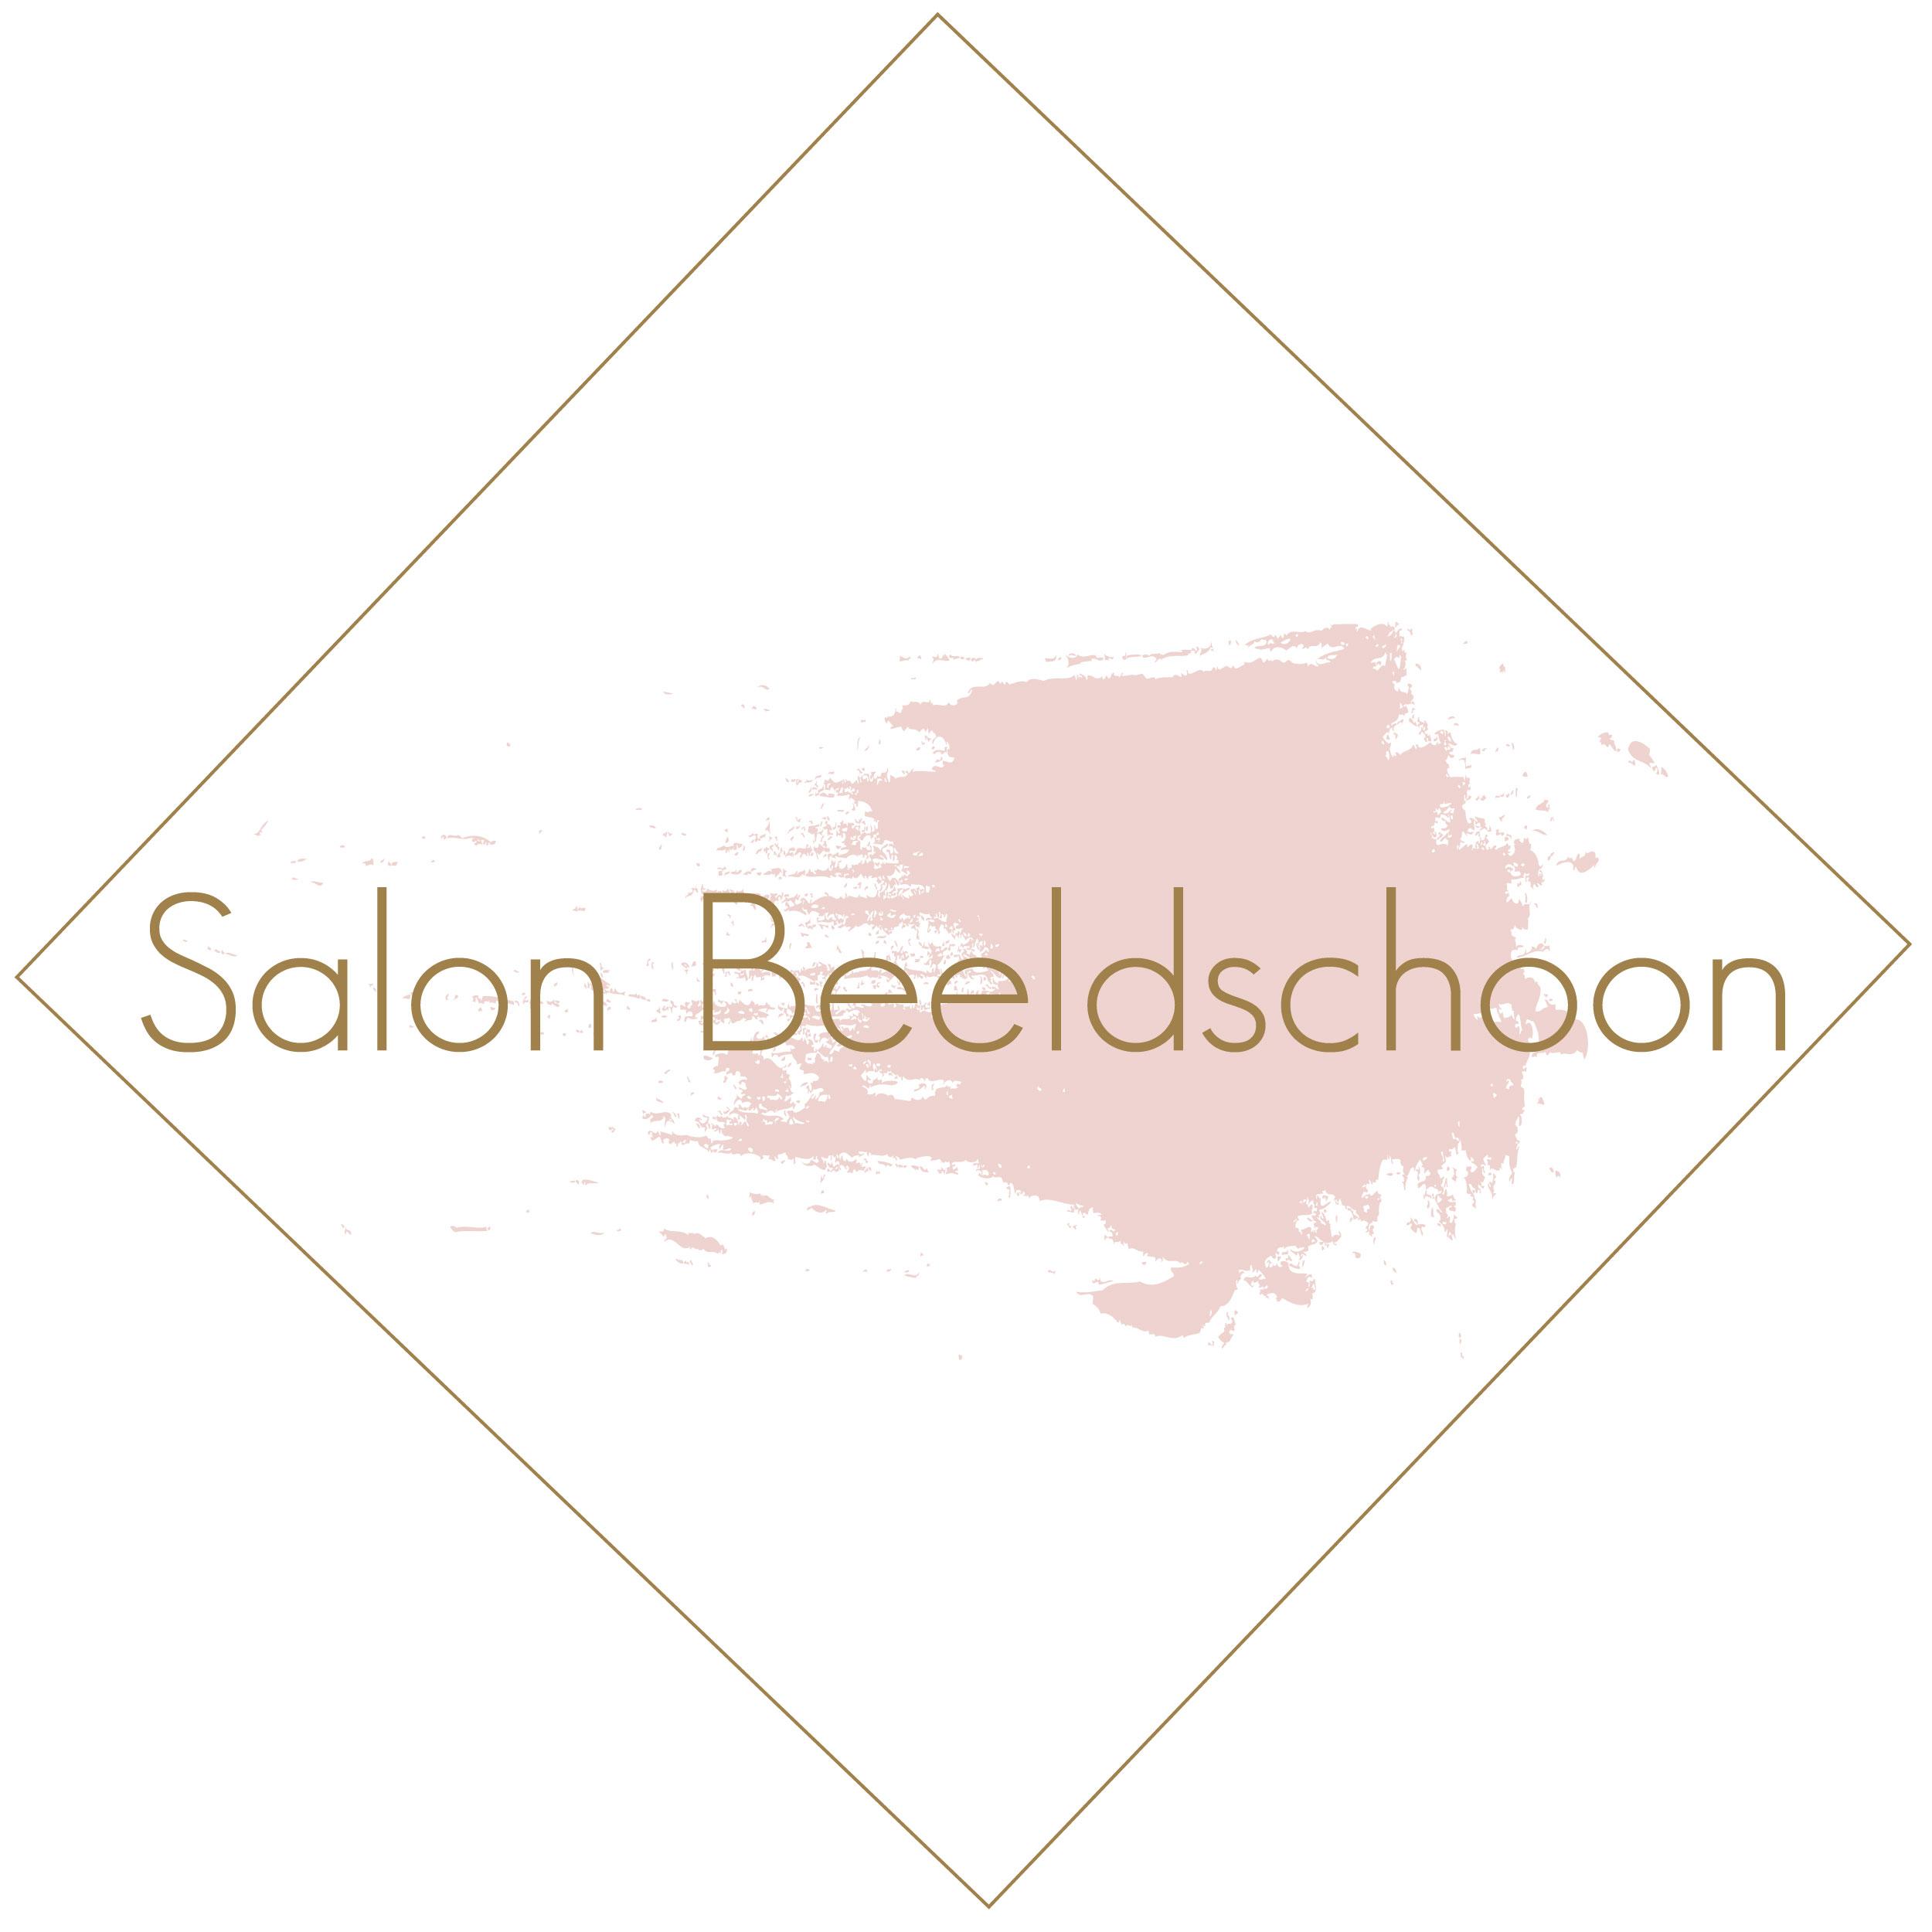 Salon Beeldschoon